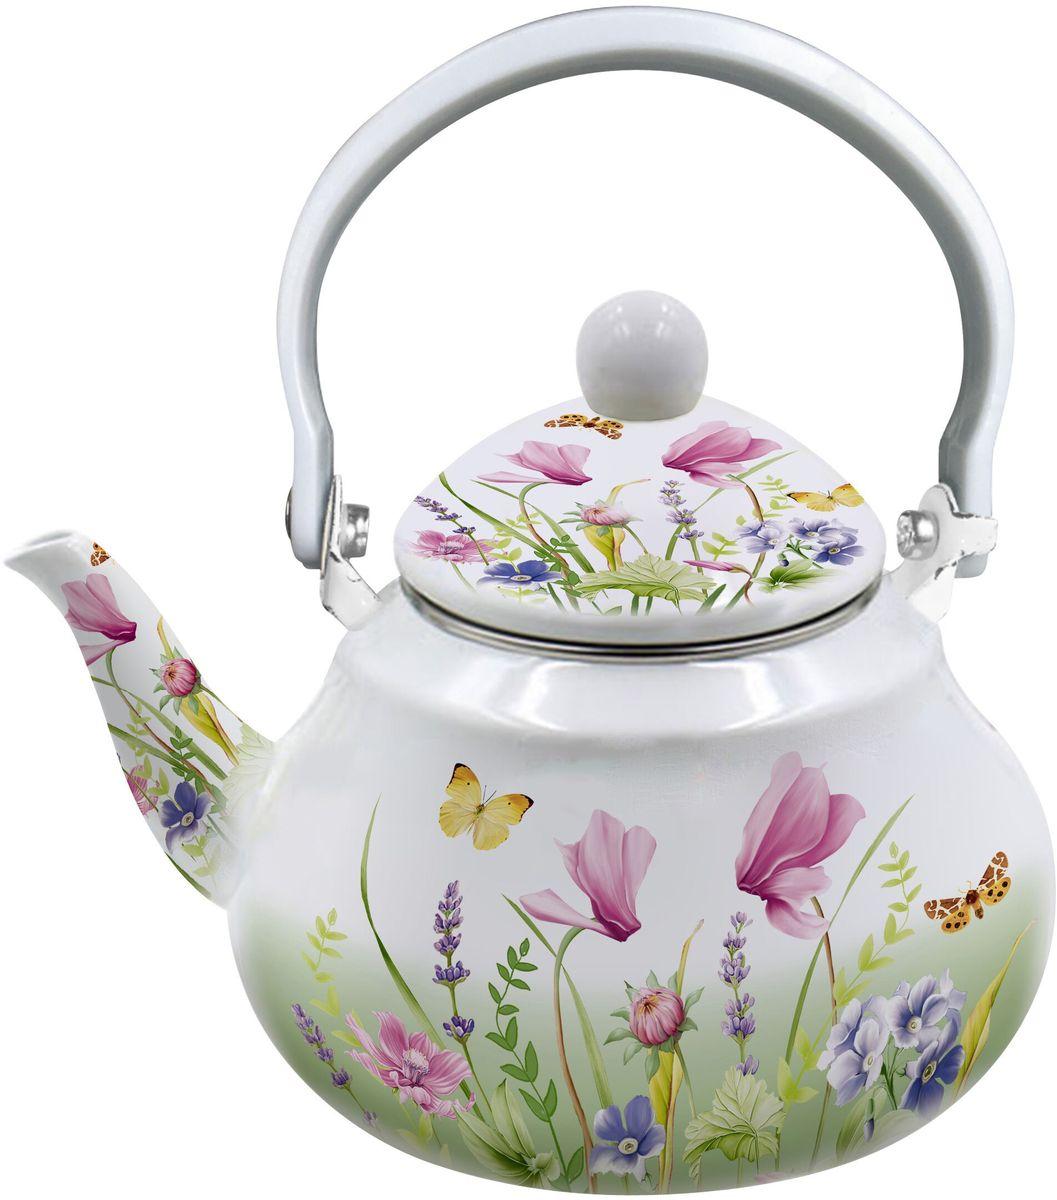 """Заварочный чайник Appetite """"Примавера"""" изготовлен из  высококачественной эмалированной стали и декорирован ярким летним рисунком. Чайник имеет  стальное ситечко и оснащен  удобной пластиковой ручкой. Крышка плотно закрывается, а удобный носик  предотвращает проливание жидкости. Чайник прекрасно  подойдет для заваривания чая и травяных напитков.  Подходит для использования на всех плитах, включая индукционные. Можно мыть в  посудомоечной машине. Высота чайника (без учета крышки): 10 см. Высота чайника (с учетом крышки): 21 см.  Диаметр (по верхнему краю): 9,5 см. Высота фильтра: 9,5 х 9,5 х 6 см."""